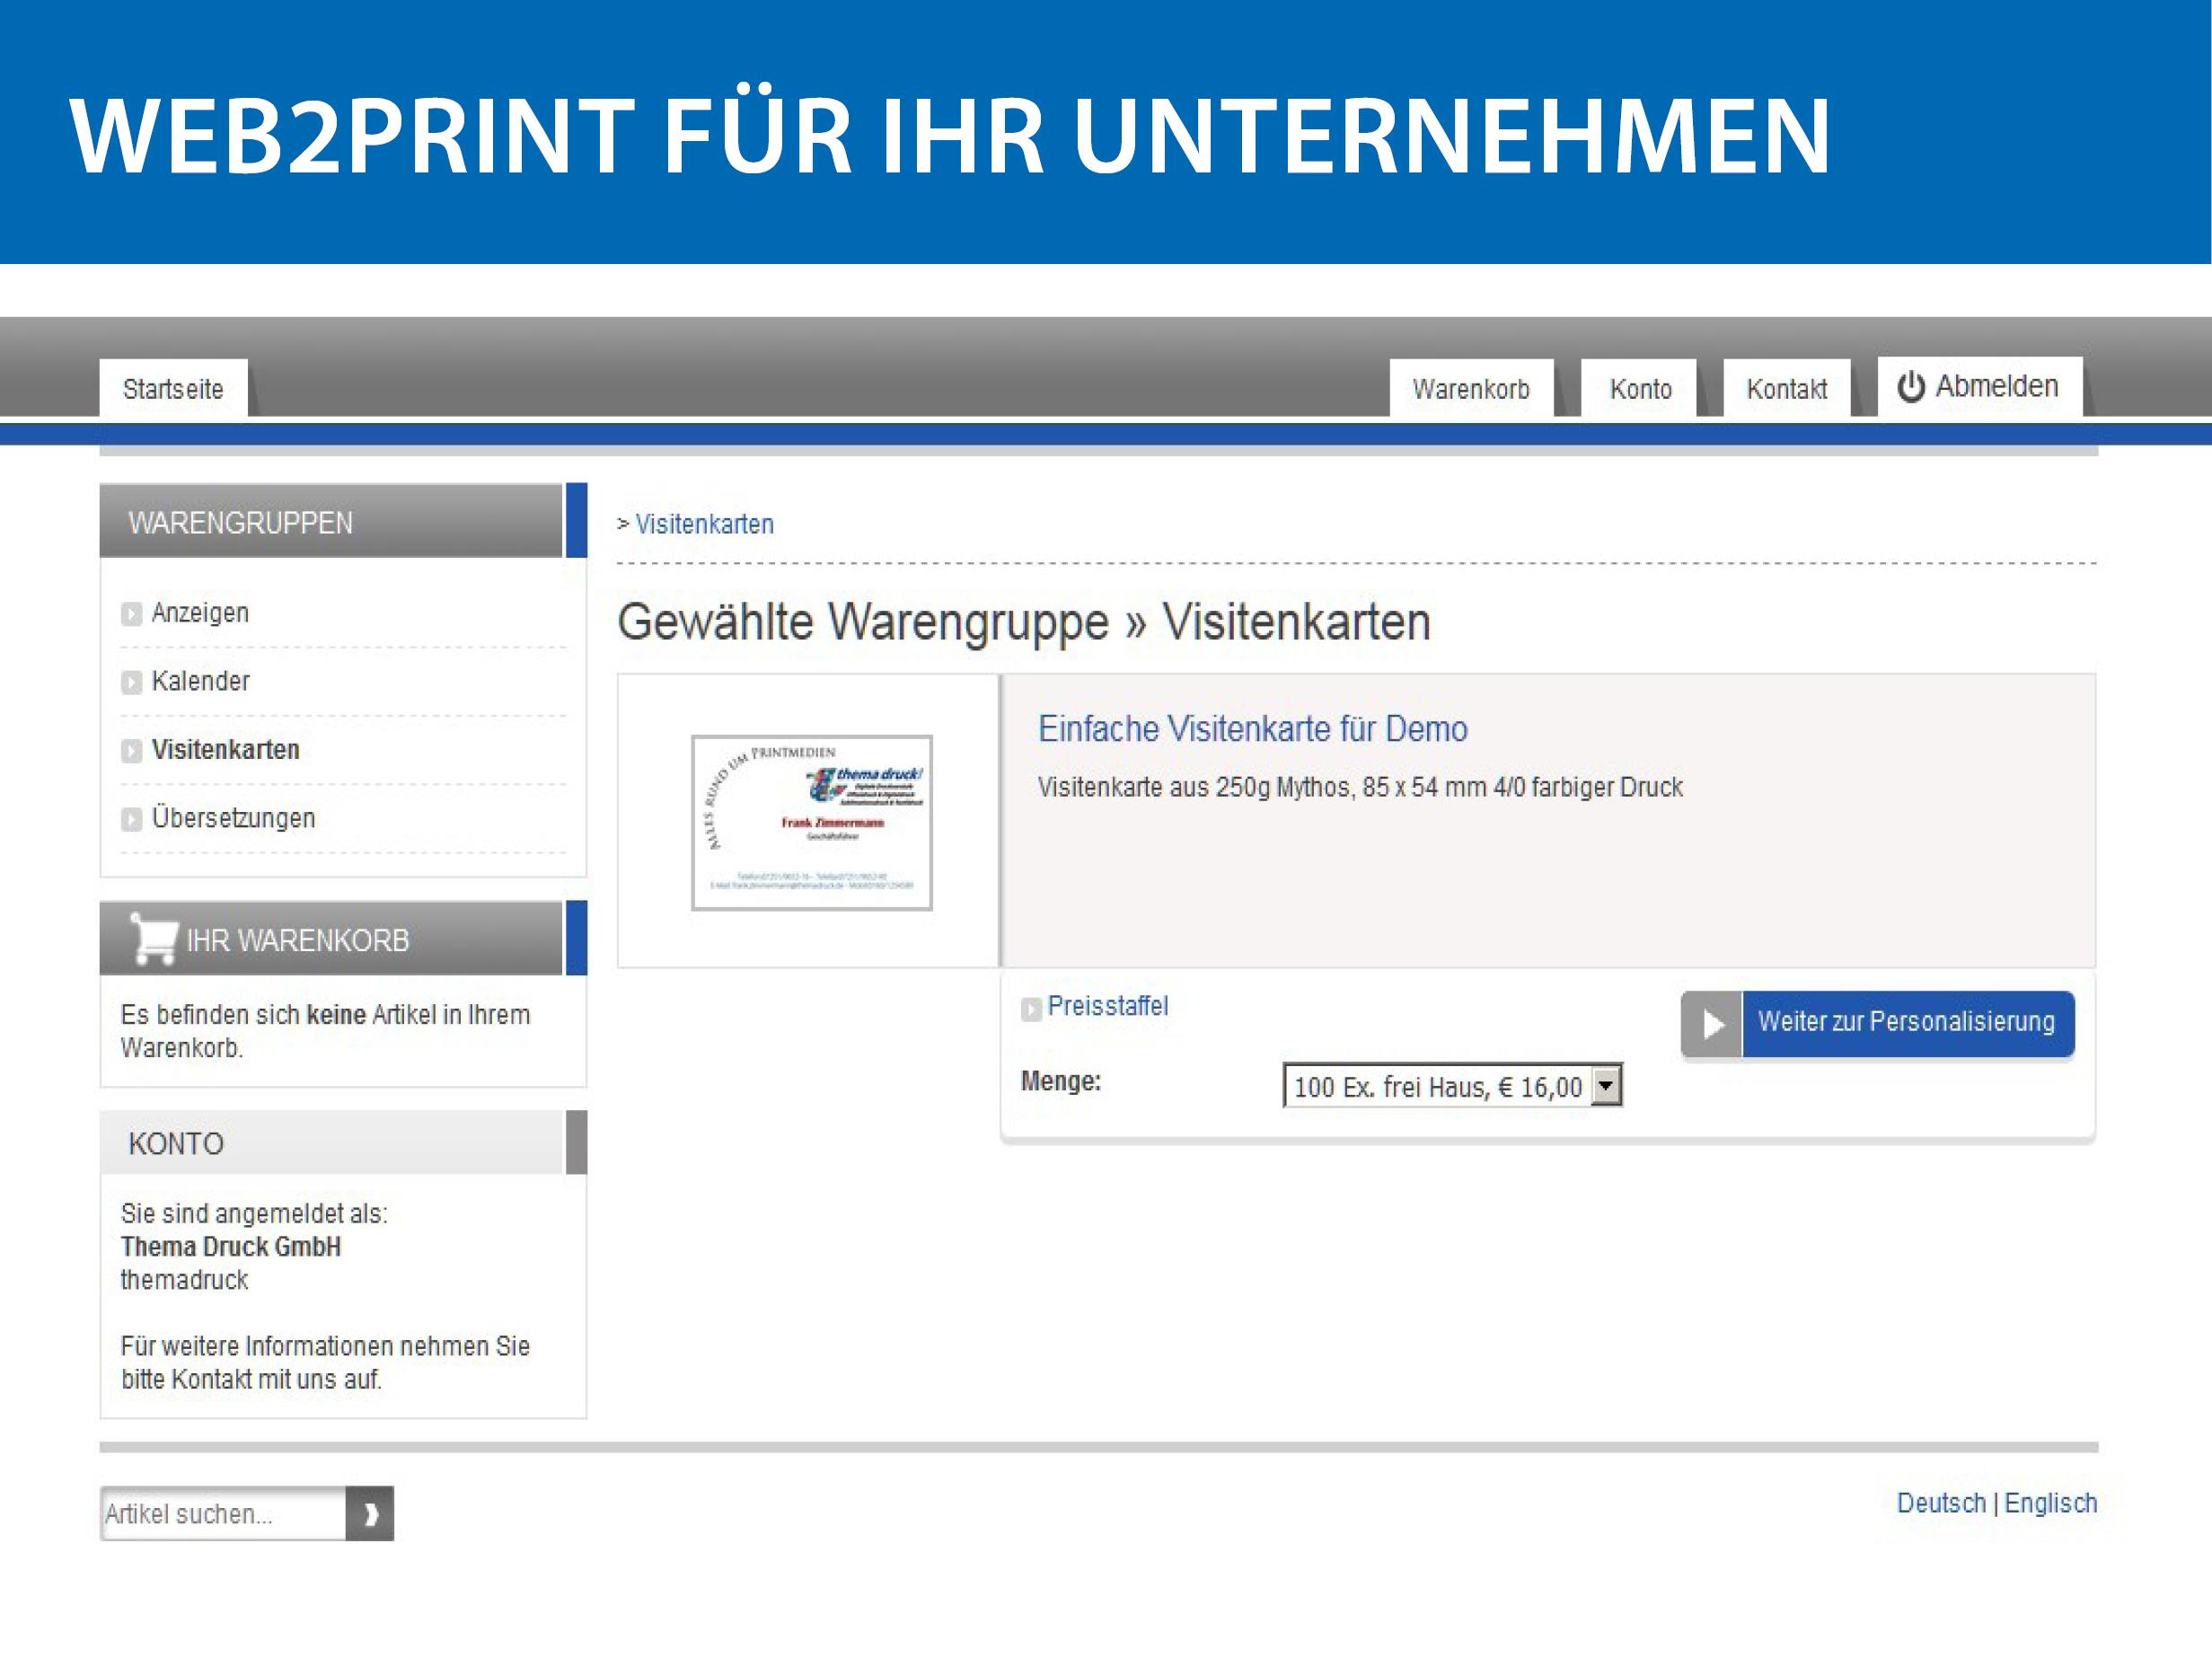 Vorschaubilder_Webseiten_WEB2PRINT